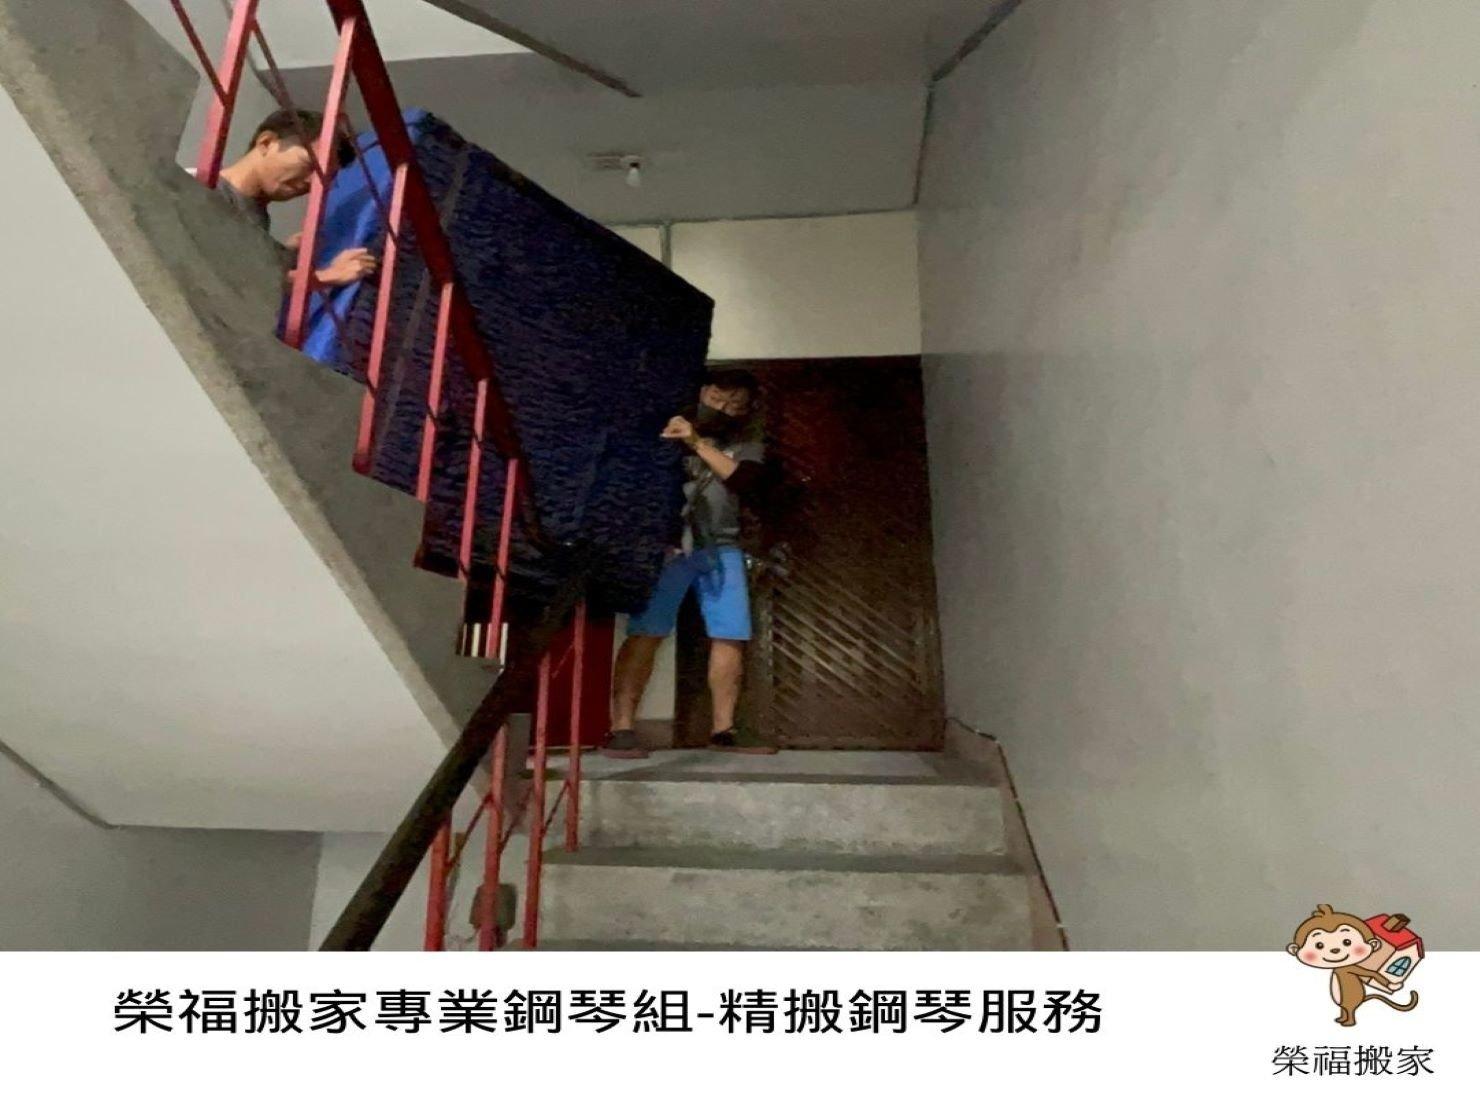 【鋼琴搬運】以4樓樓梯搬運鋼琴加載其他家具物件,一起跟搬家小編看榮福搬家公司如何專業搬運鋼琴吧